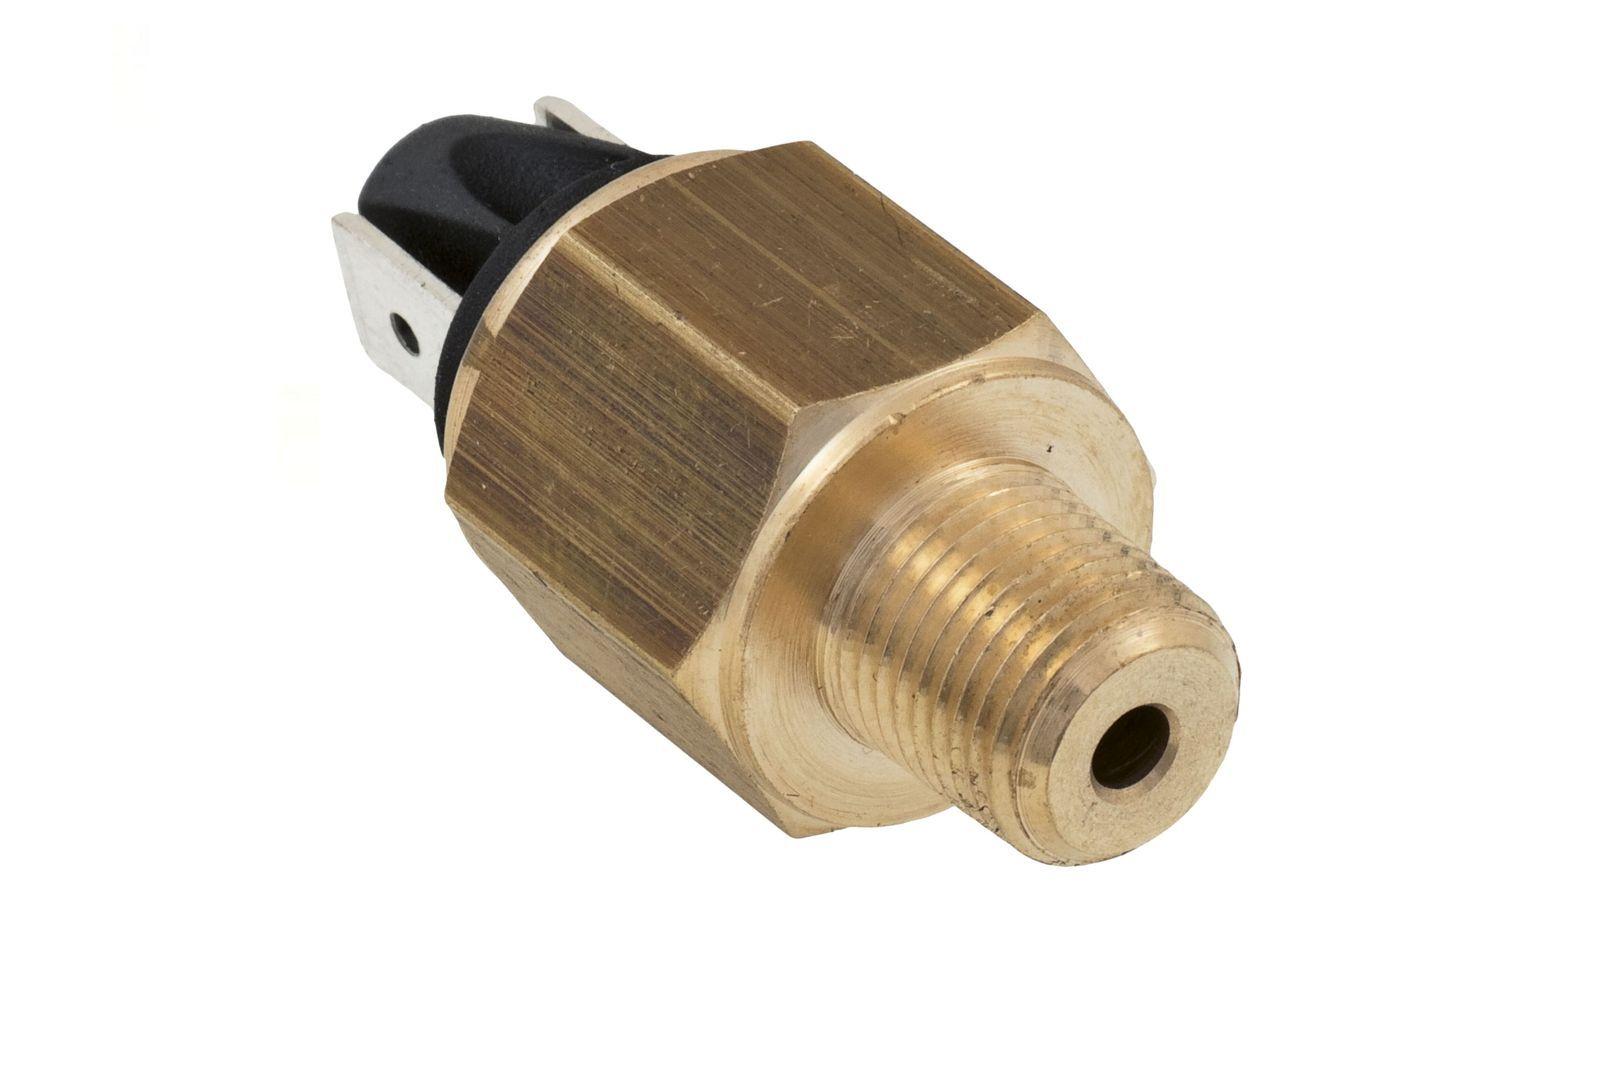 #Geber Zubehör Öldruckanzeige-Instrument 20 lbs, TT2998